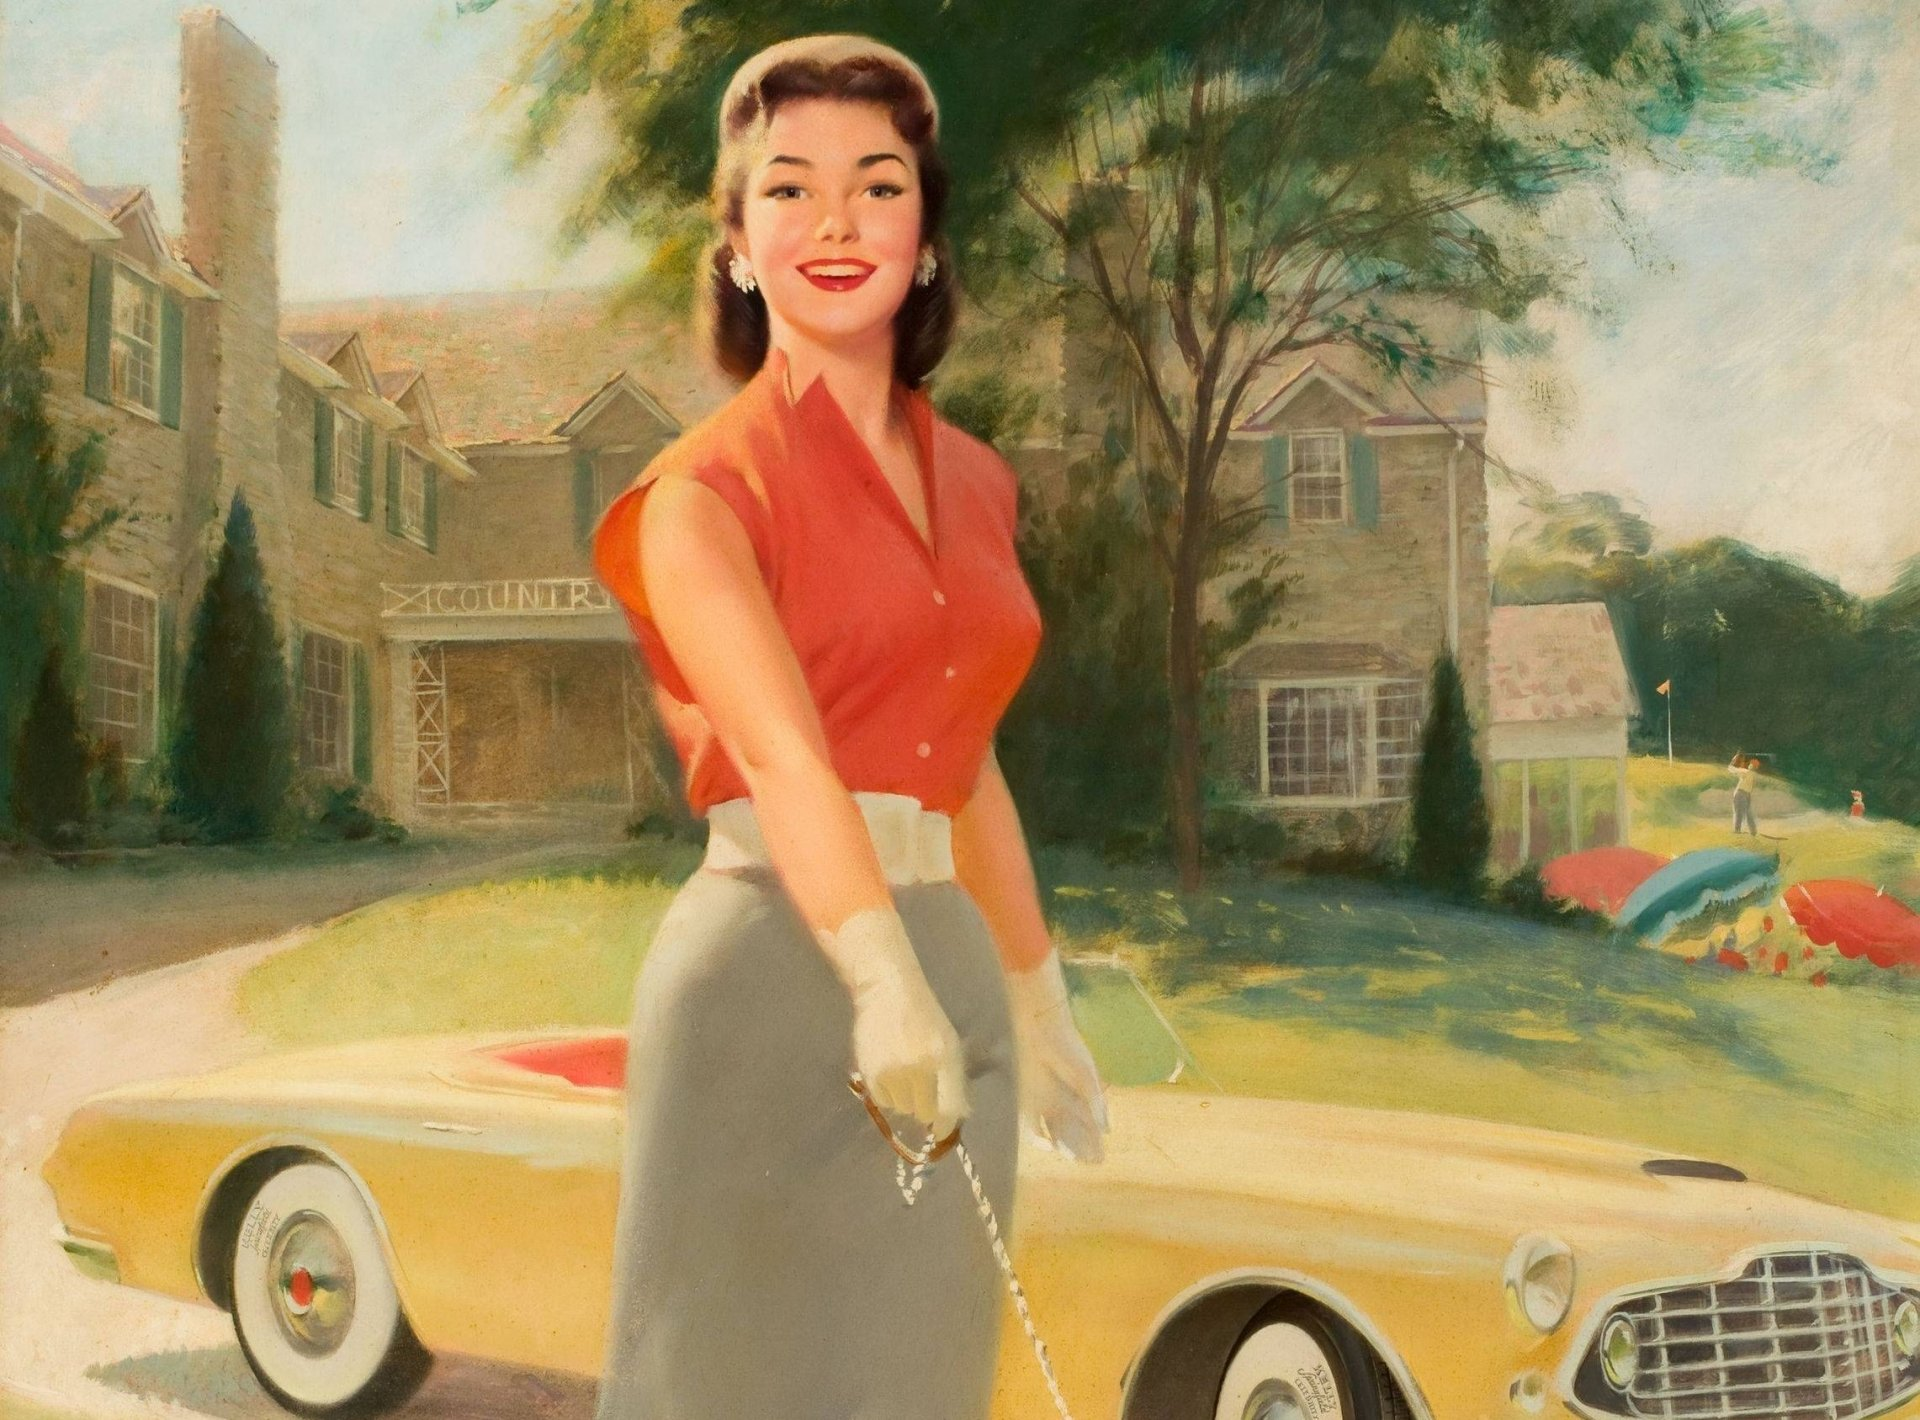 Под юбкой фото девушка и машины 4